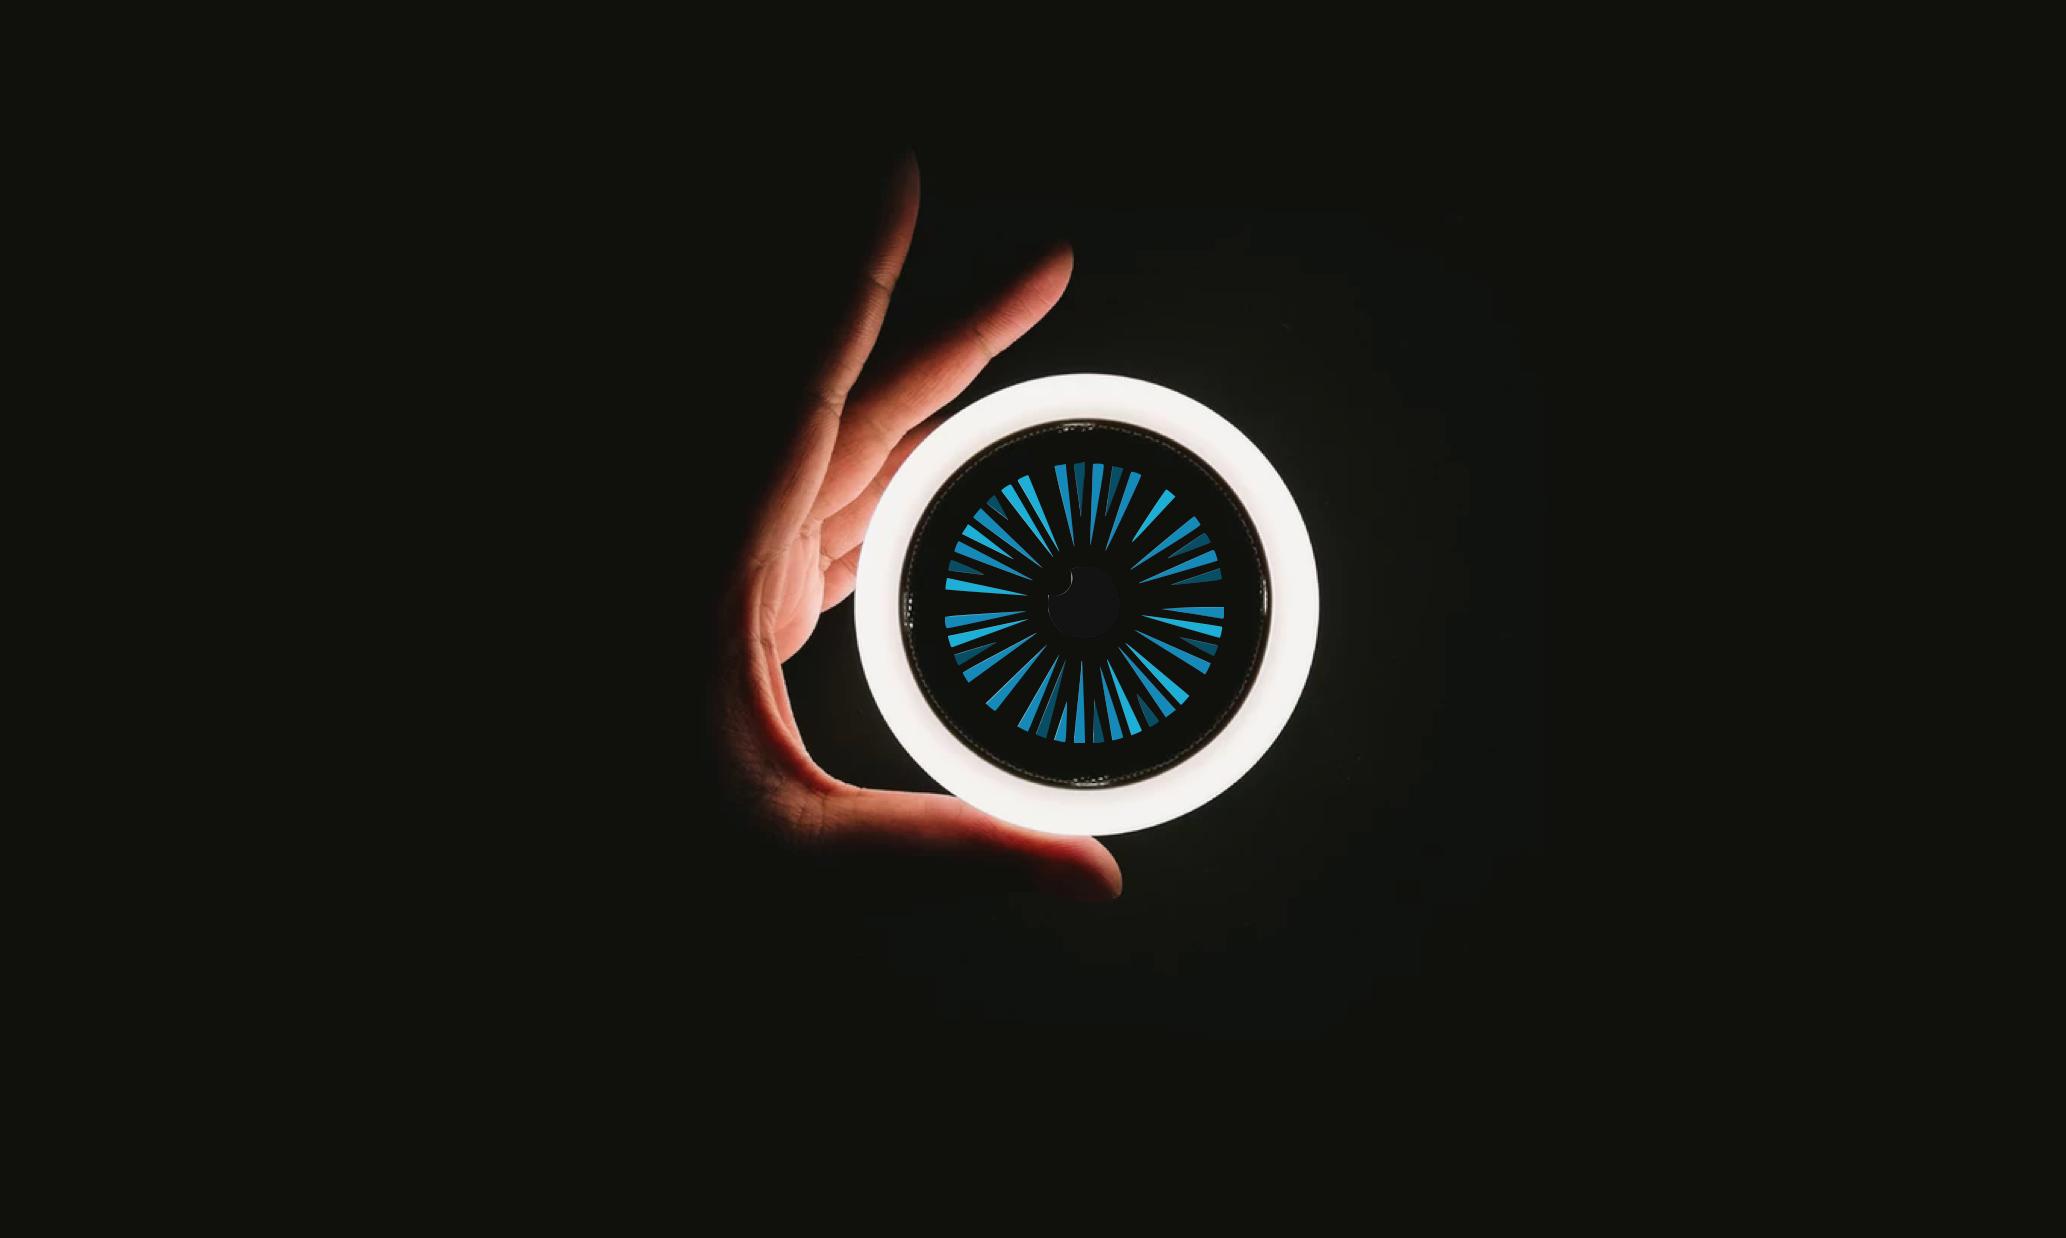 Är mitt mirakelargument ett cirkelresonemang?